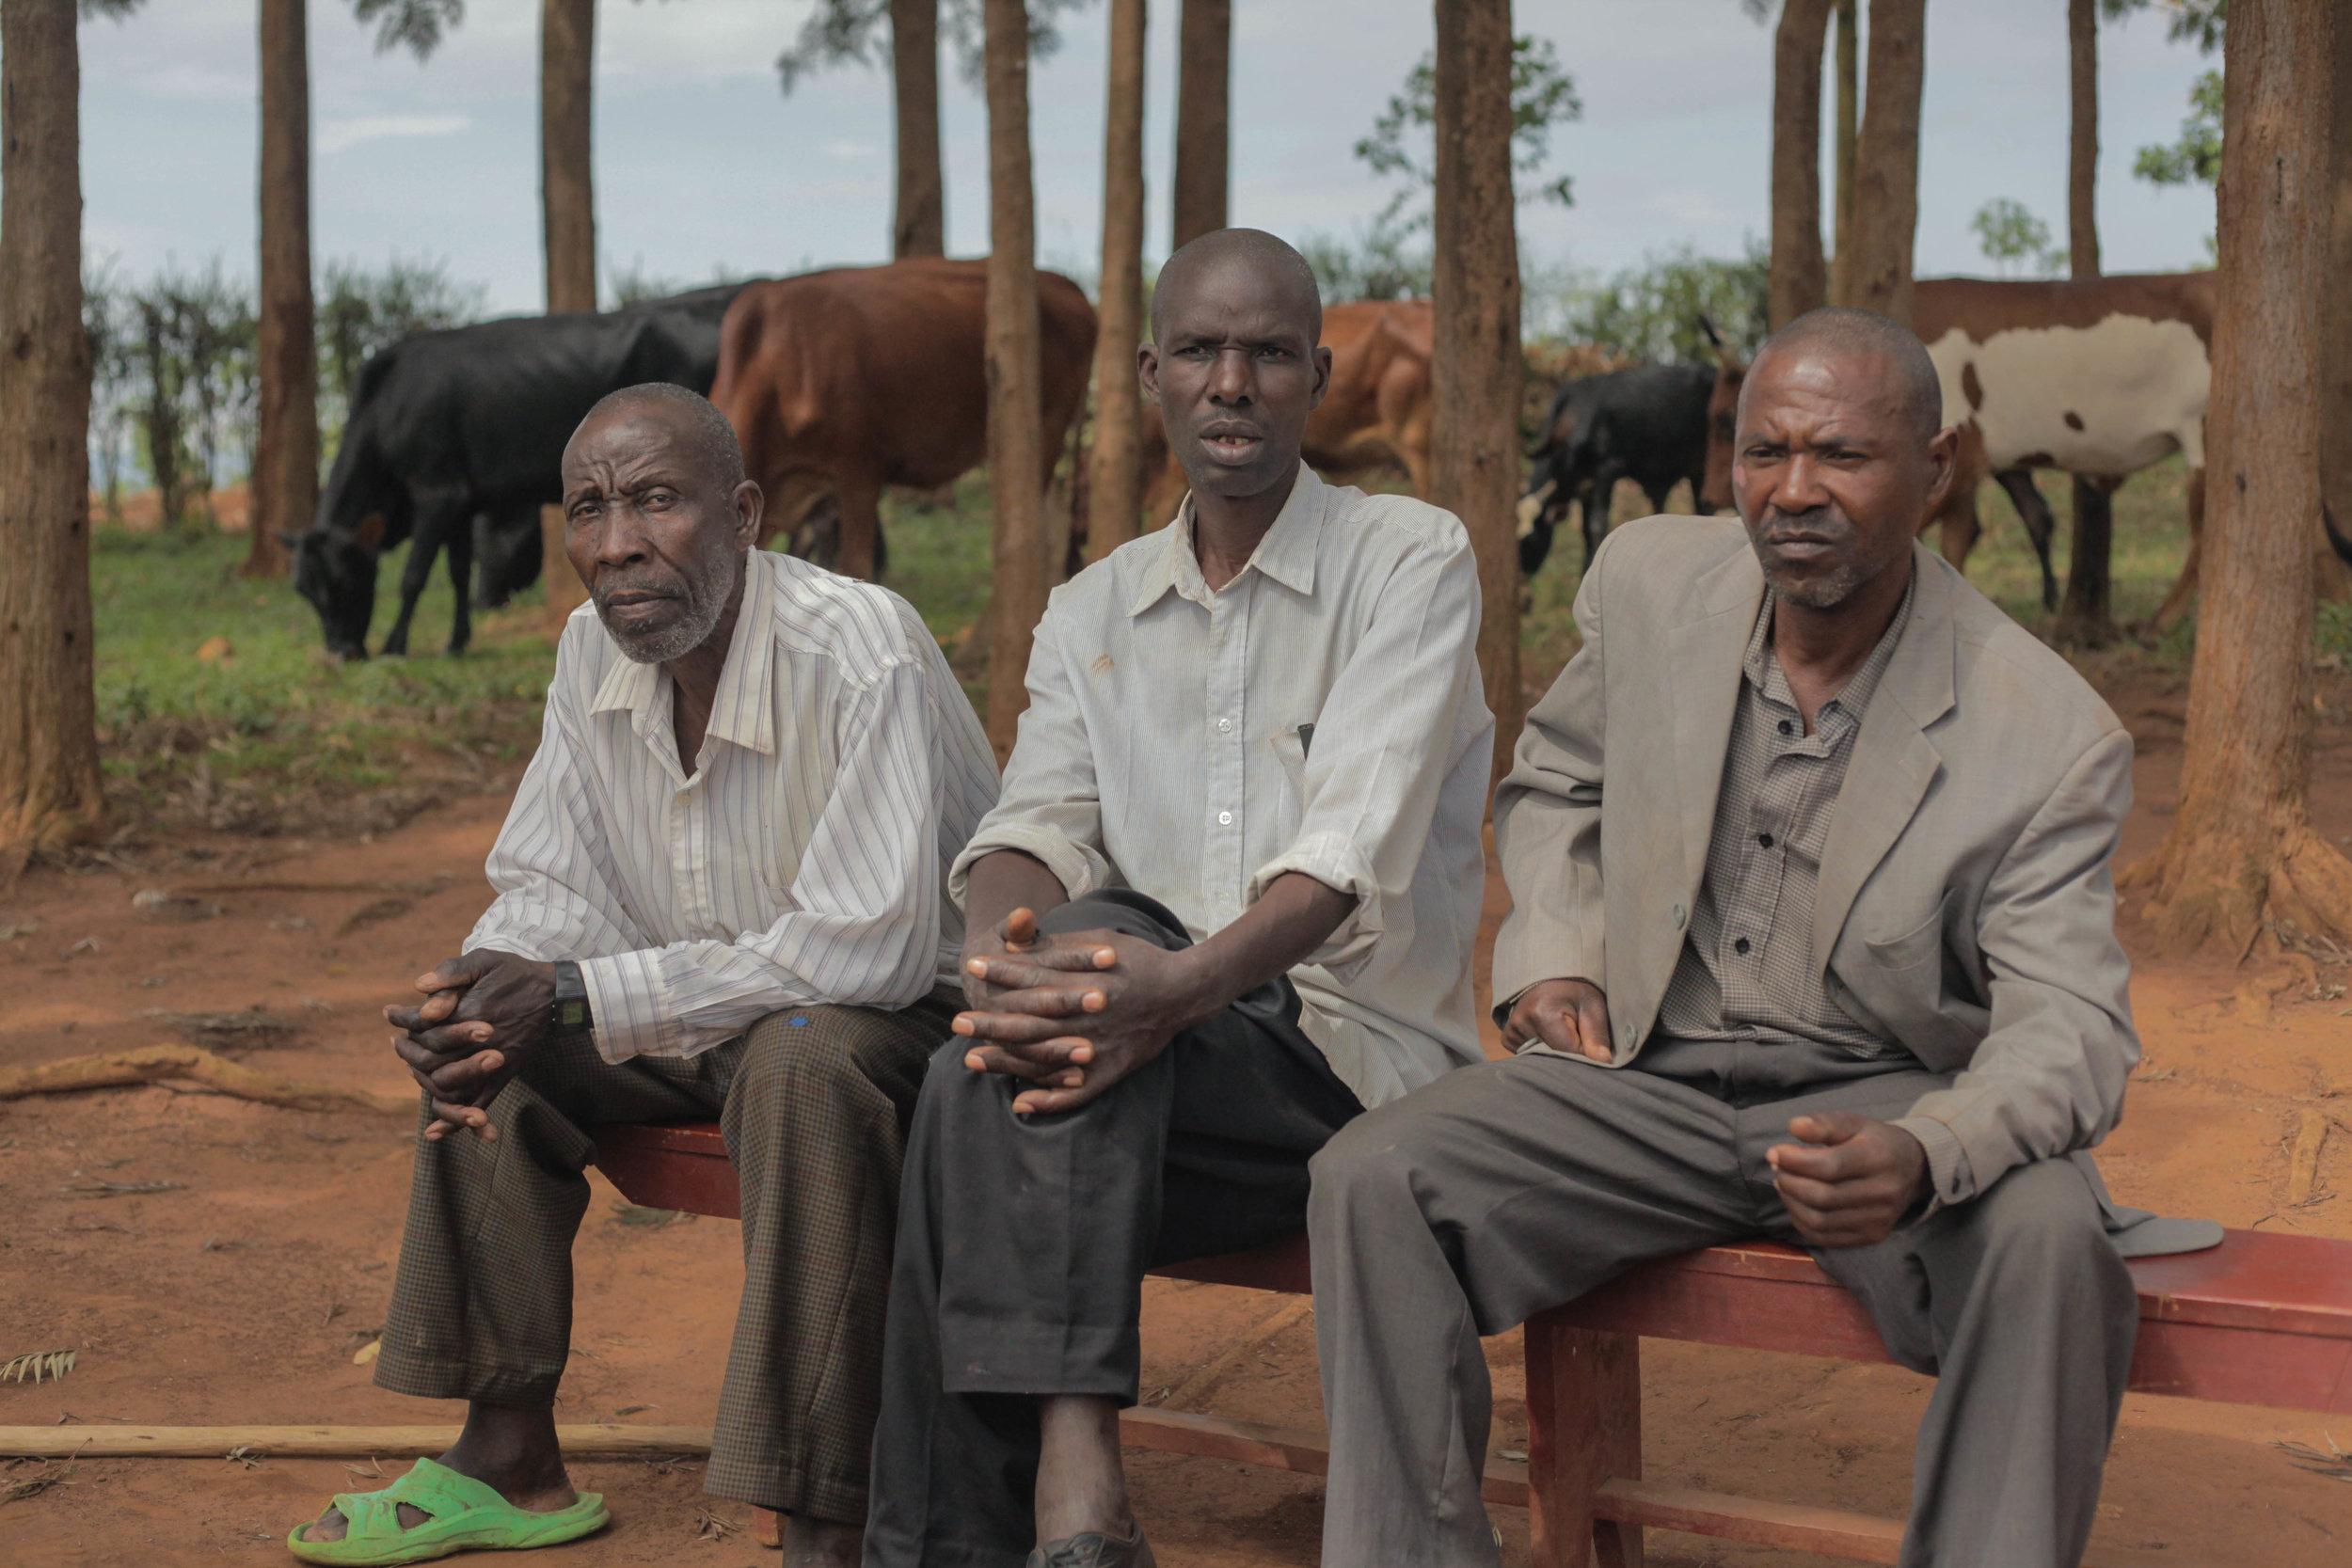 Mental health Rwanda_VICE.jpg